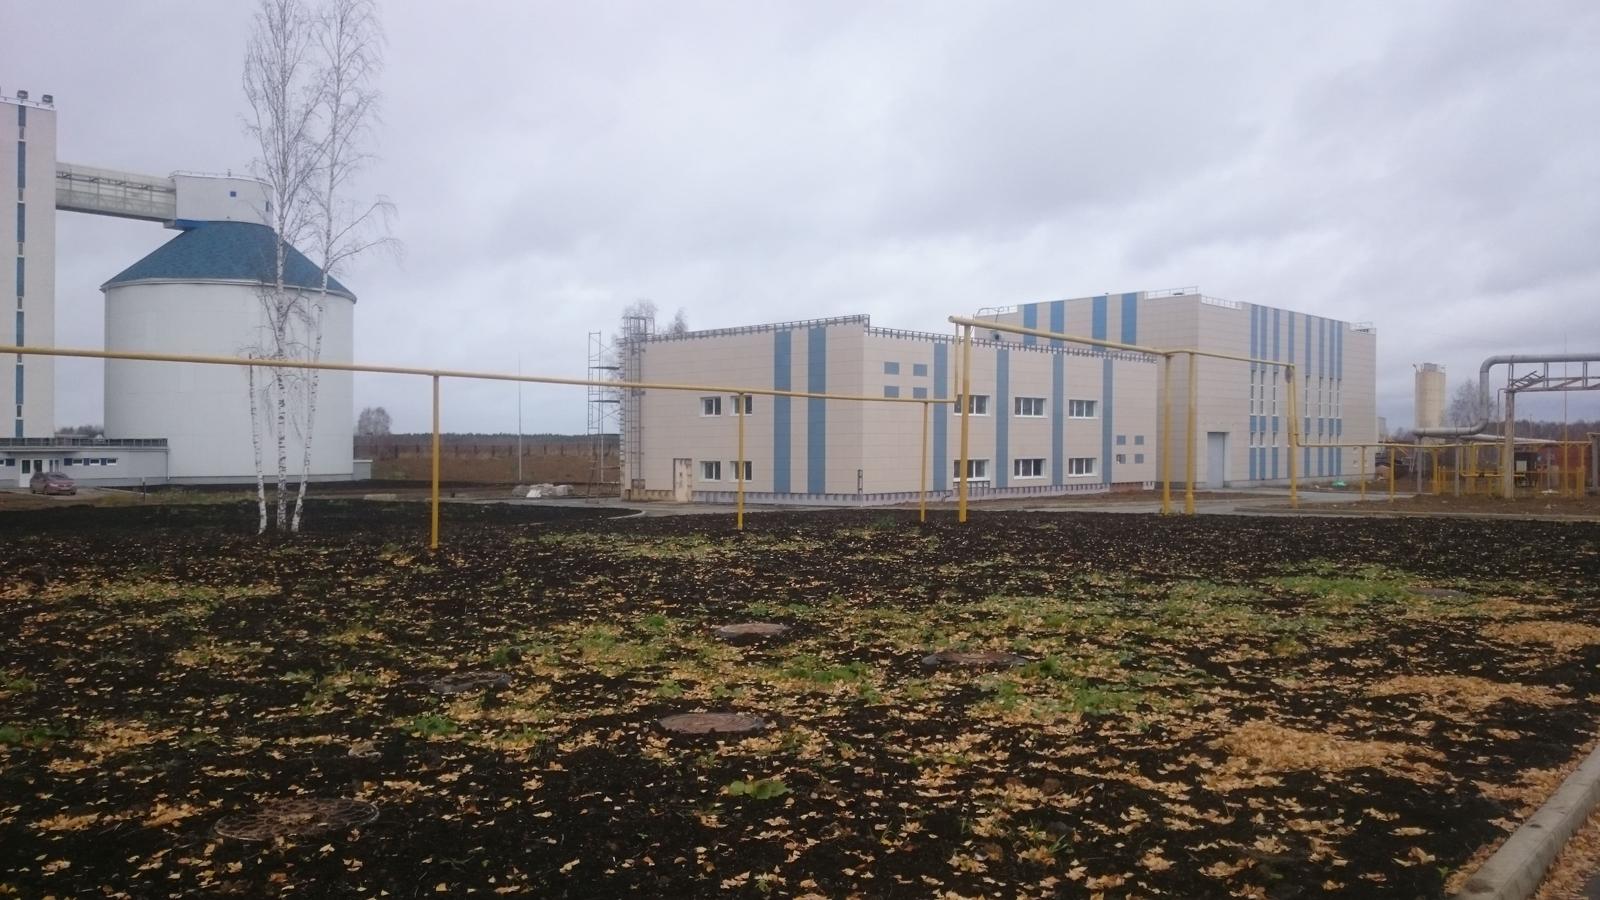 Модернизация Северной аэрационной станции г. Екатеринбурга с увеличением производительности до 140,0 тыс.м3/сут.